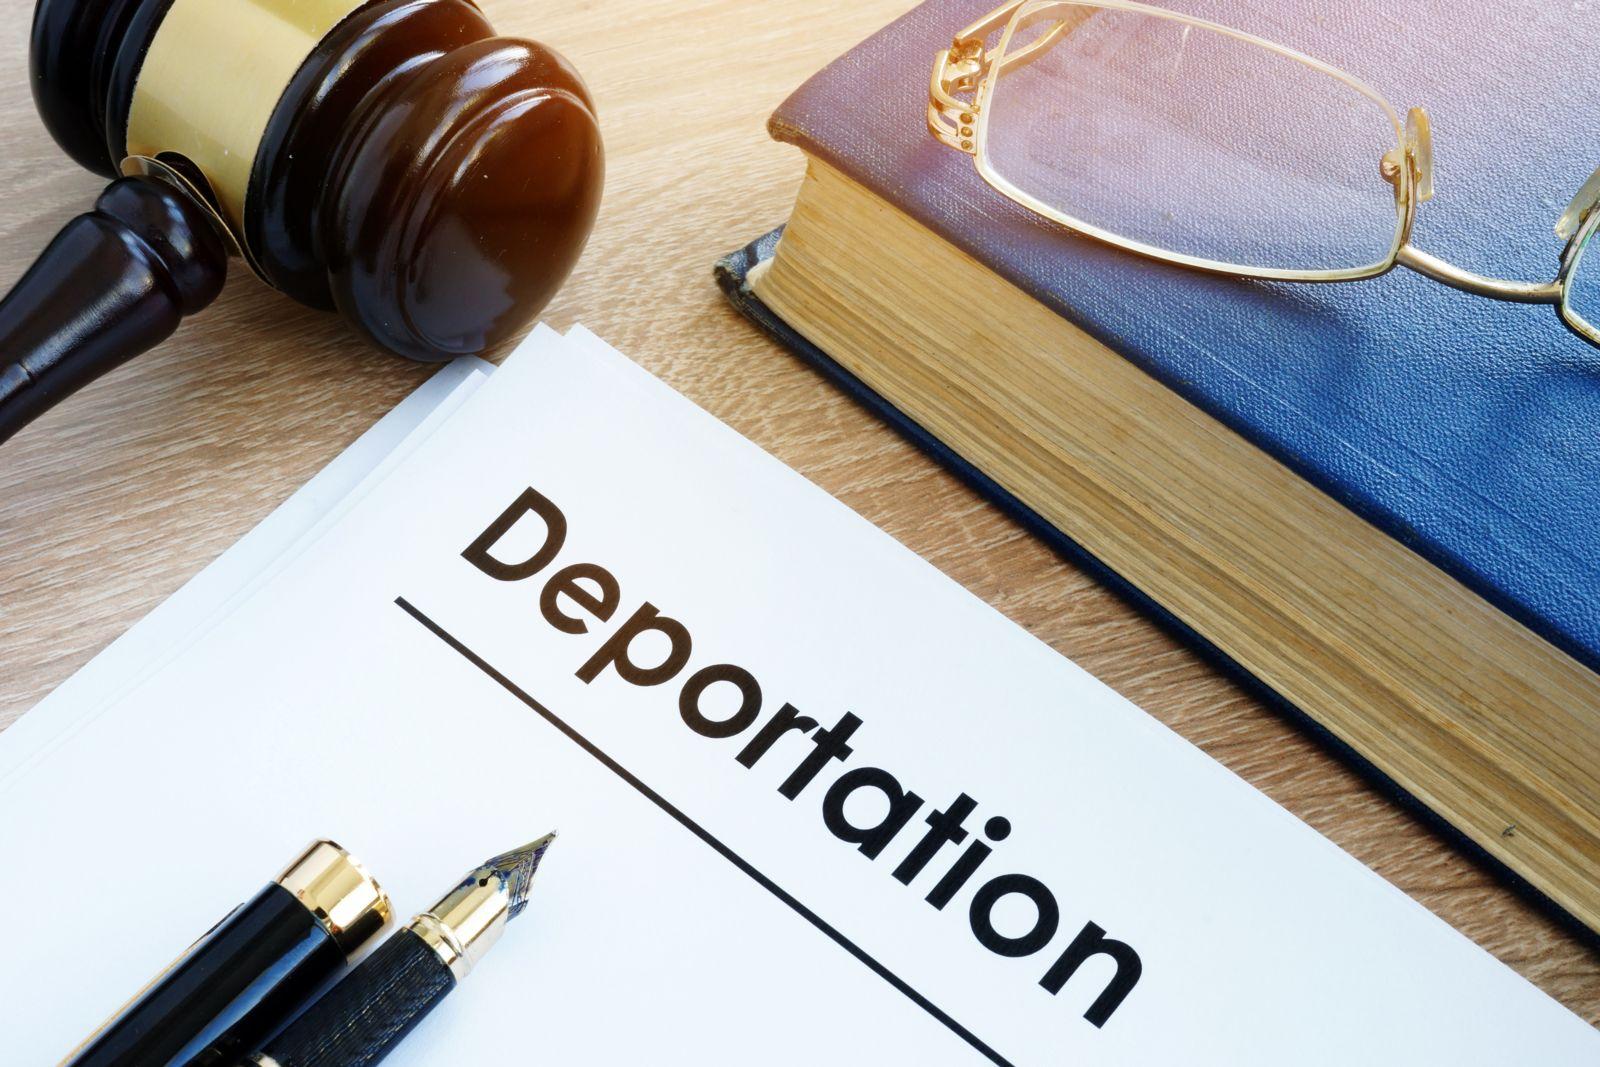 Virginia Maryland & Washington D.C. Deportation Defense Attorneys Tucker & Nong